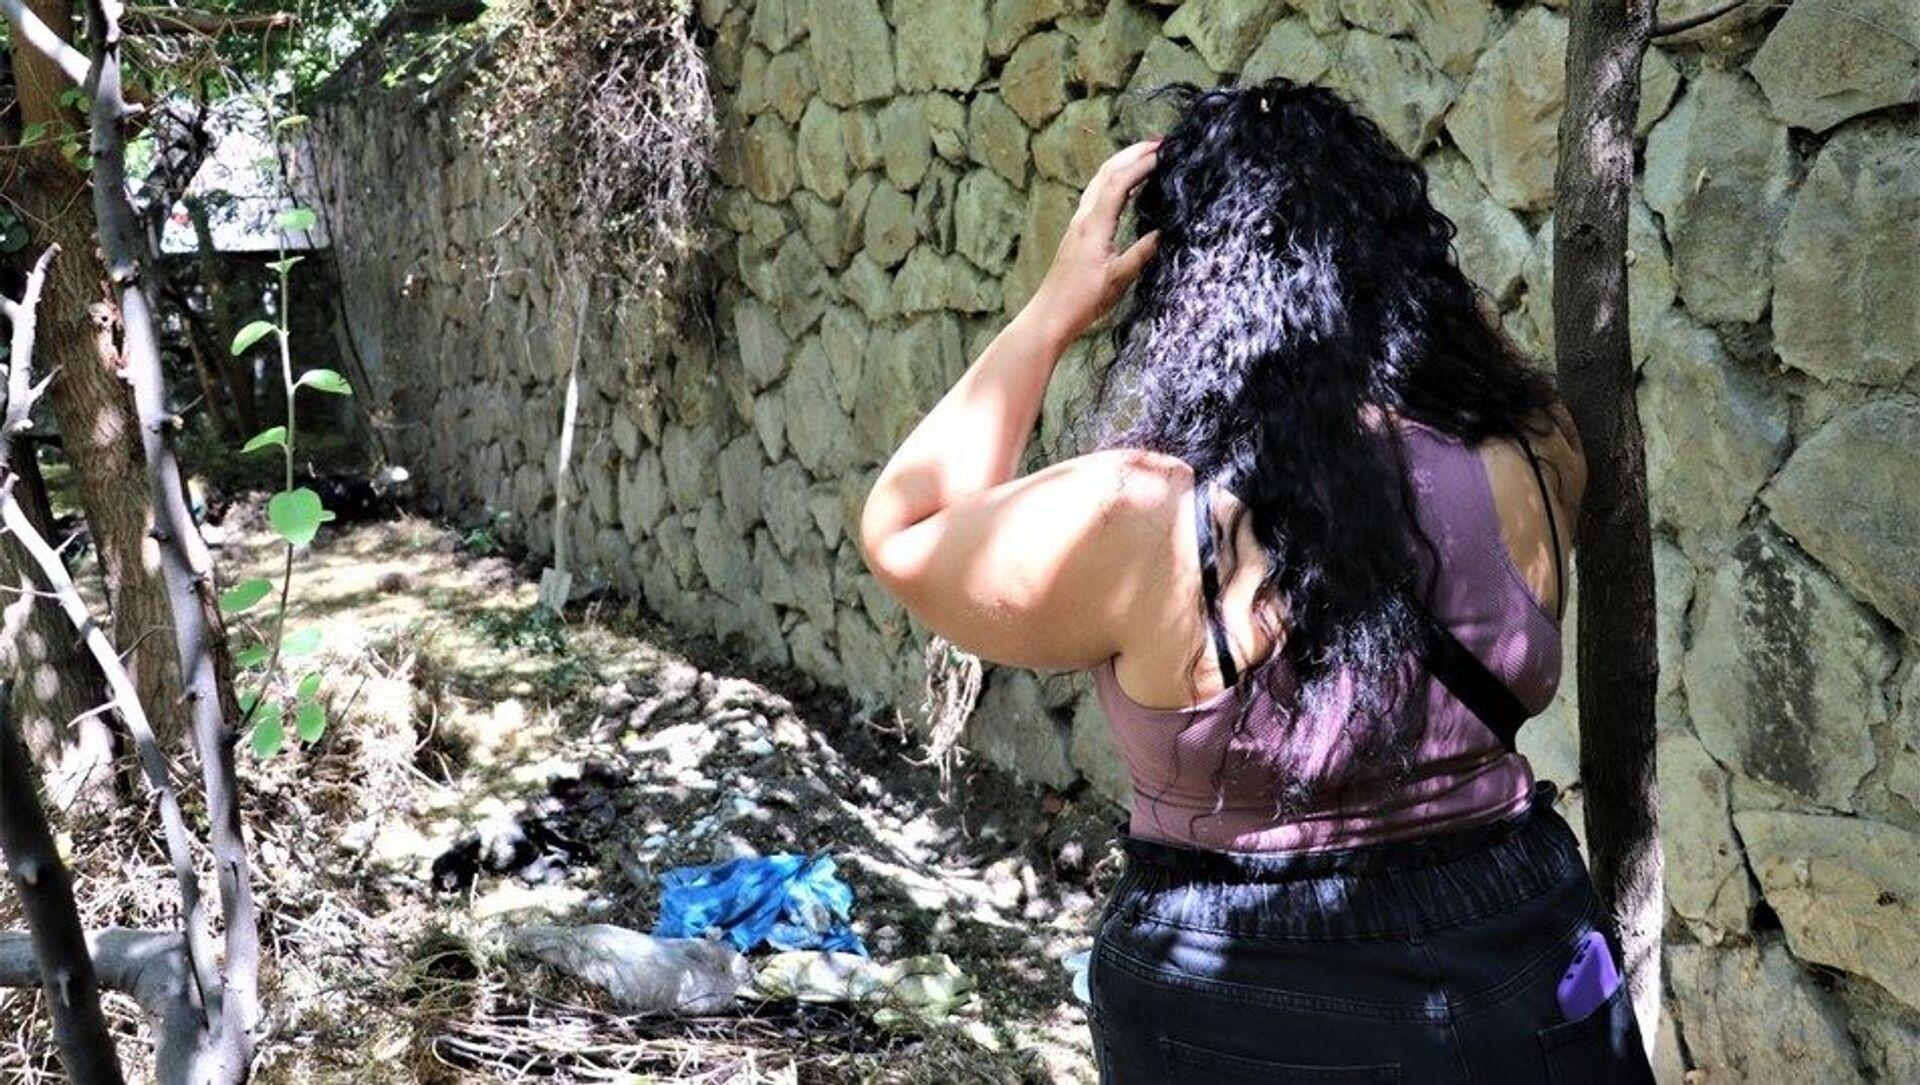 Ankara'da 55 yaşındaki bir kadının bahçesinde toprağa gömülmüş 10 ölü köpek bulundu.  - Sputnik Türkiye, 1920, 07.08.2021